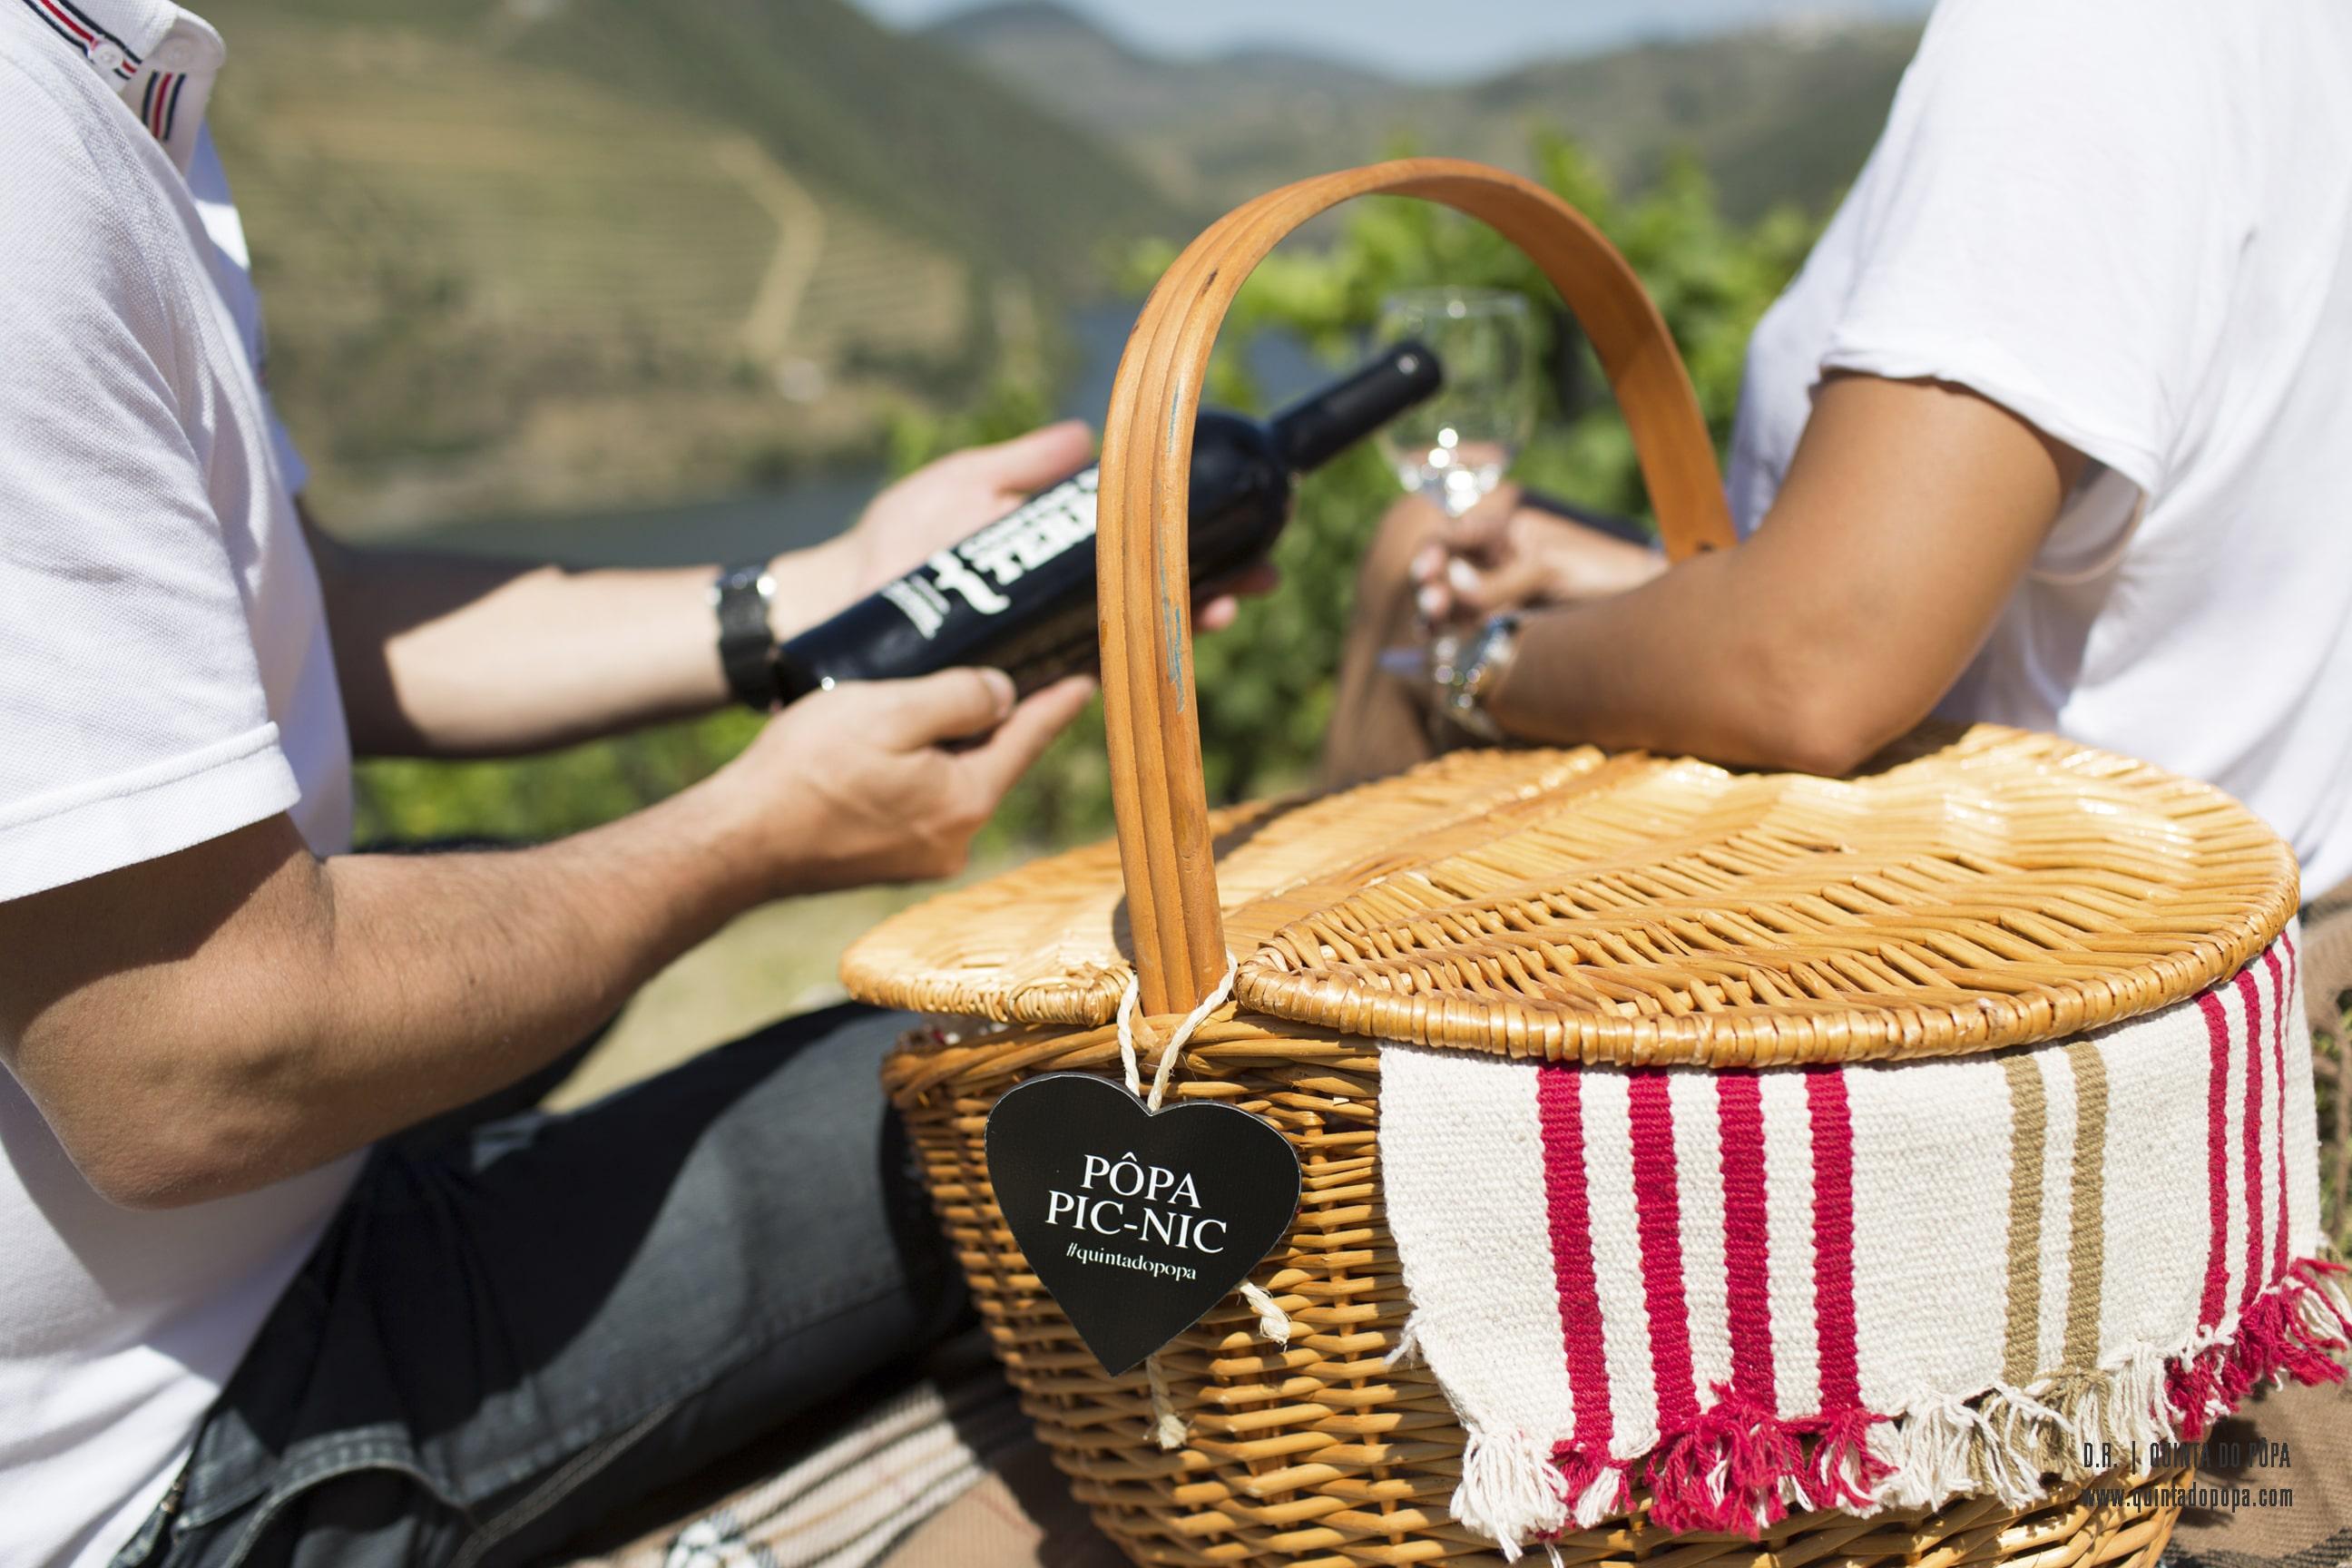 Quinta do Pôpa - Pic-nic Vínico & Prova Premium